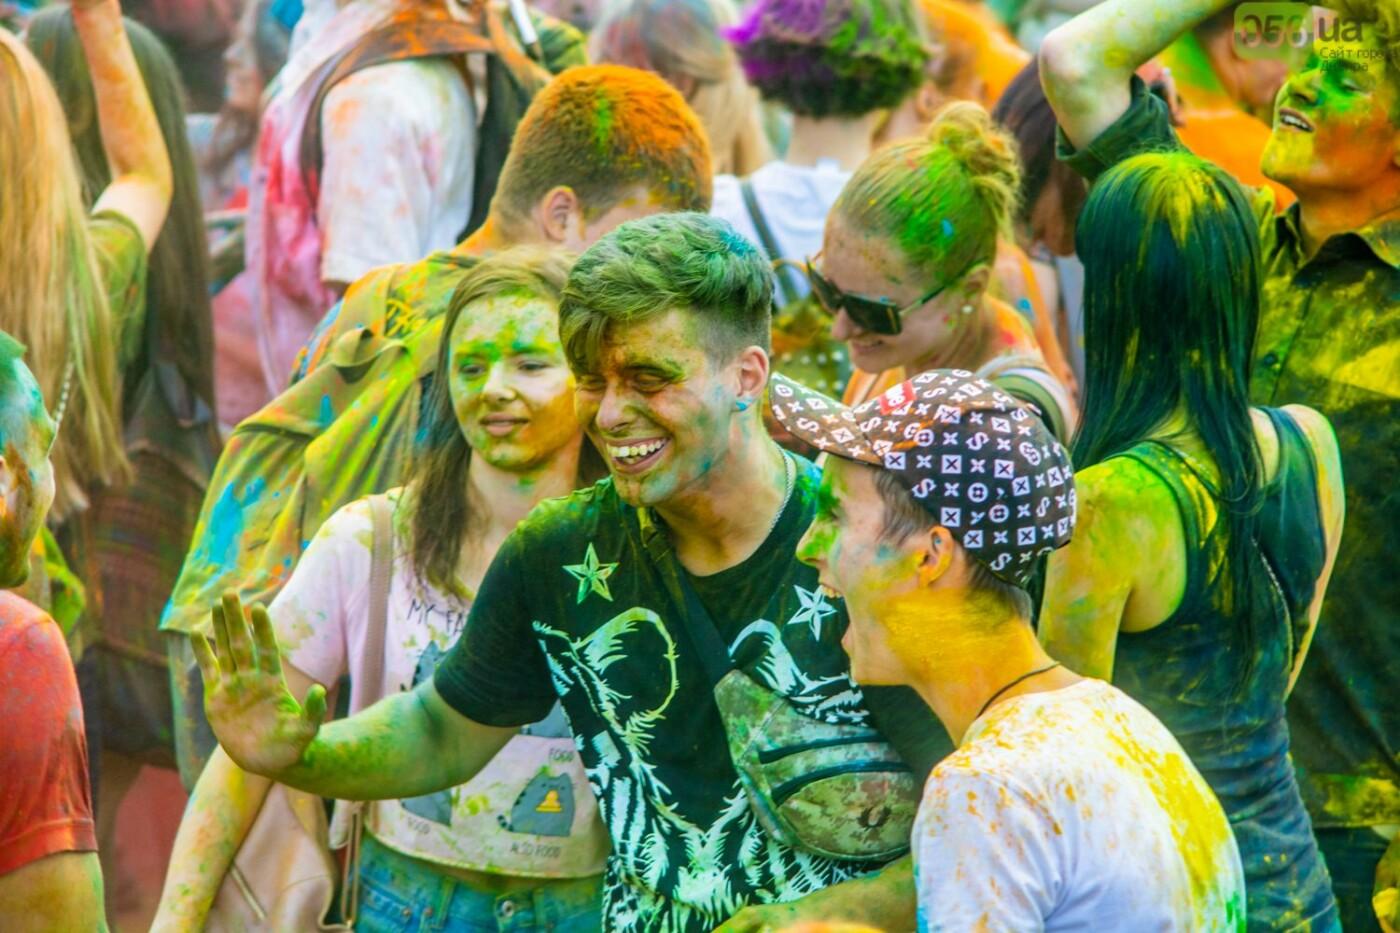 Фестиваль красок и свадьбы: как в Днепре прошел День молодежи, - ФОТОРЕПОРТАЖ, ВИДЕО, фото-17